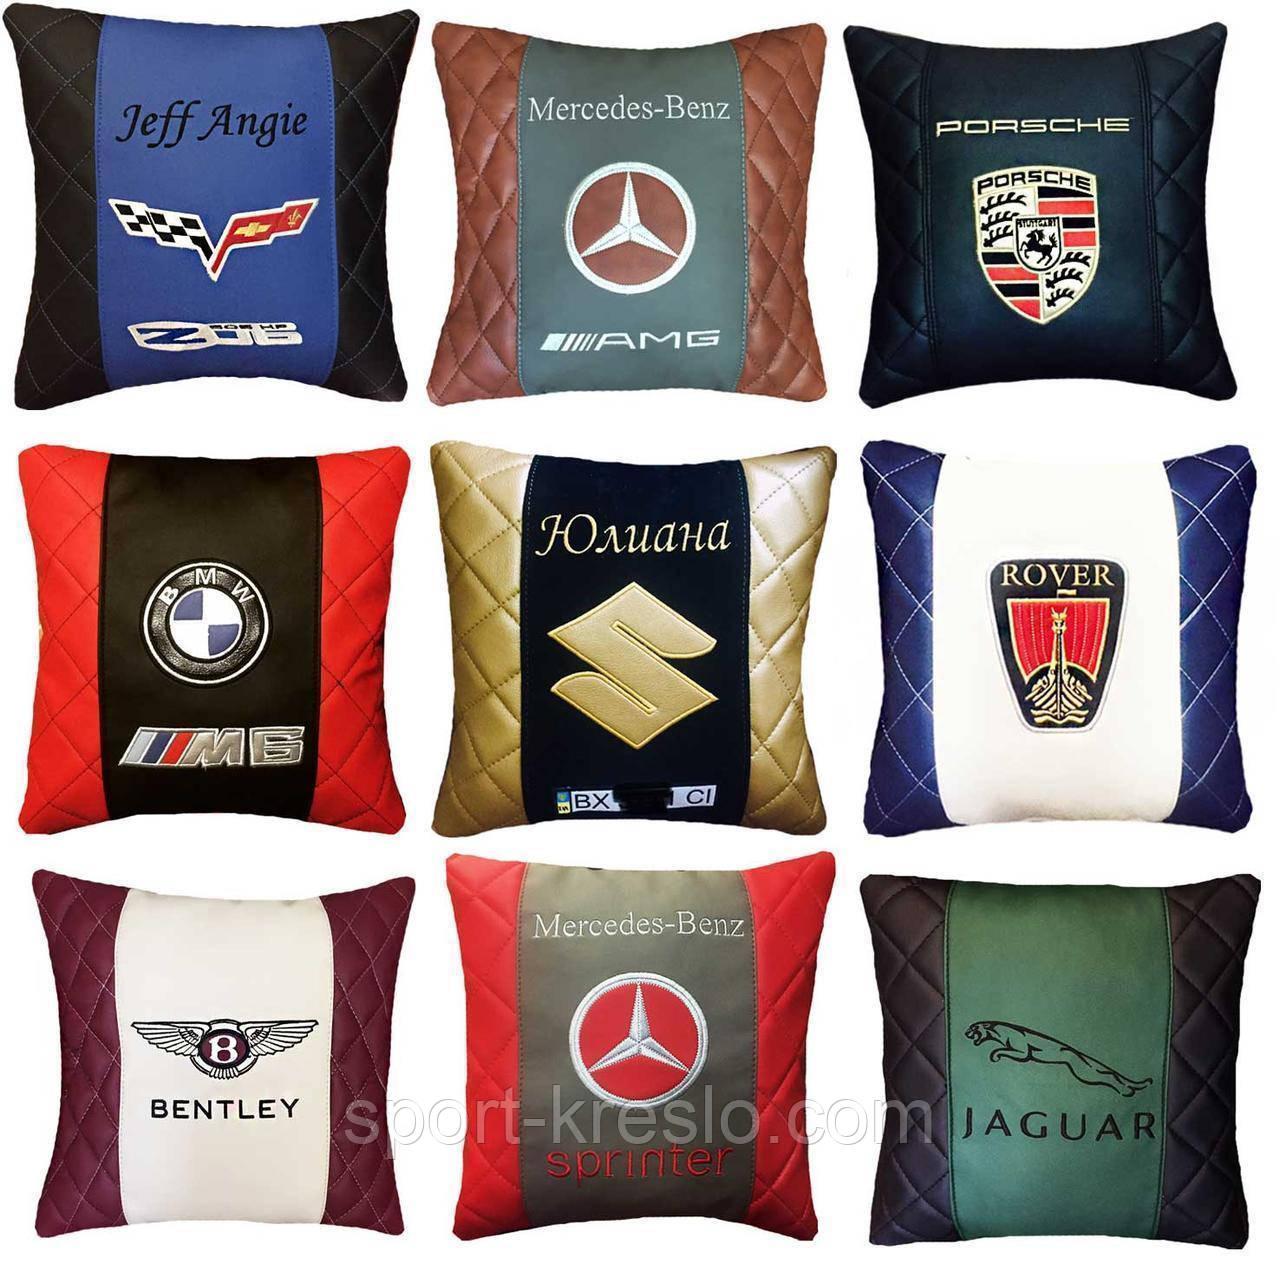 Подушка с логотипом в салон авто, госномером, подголовники автомобильные, автоаксессуары